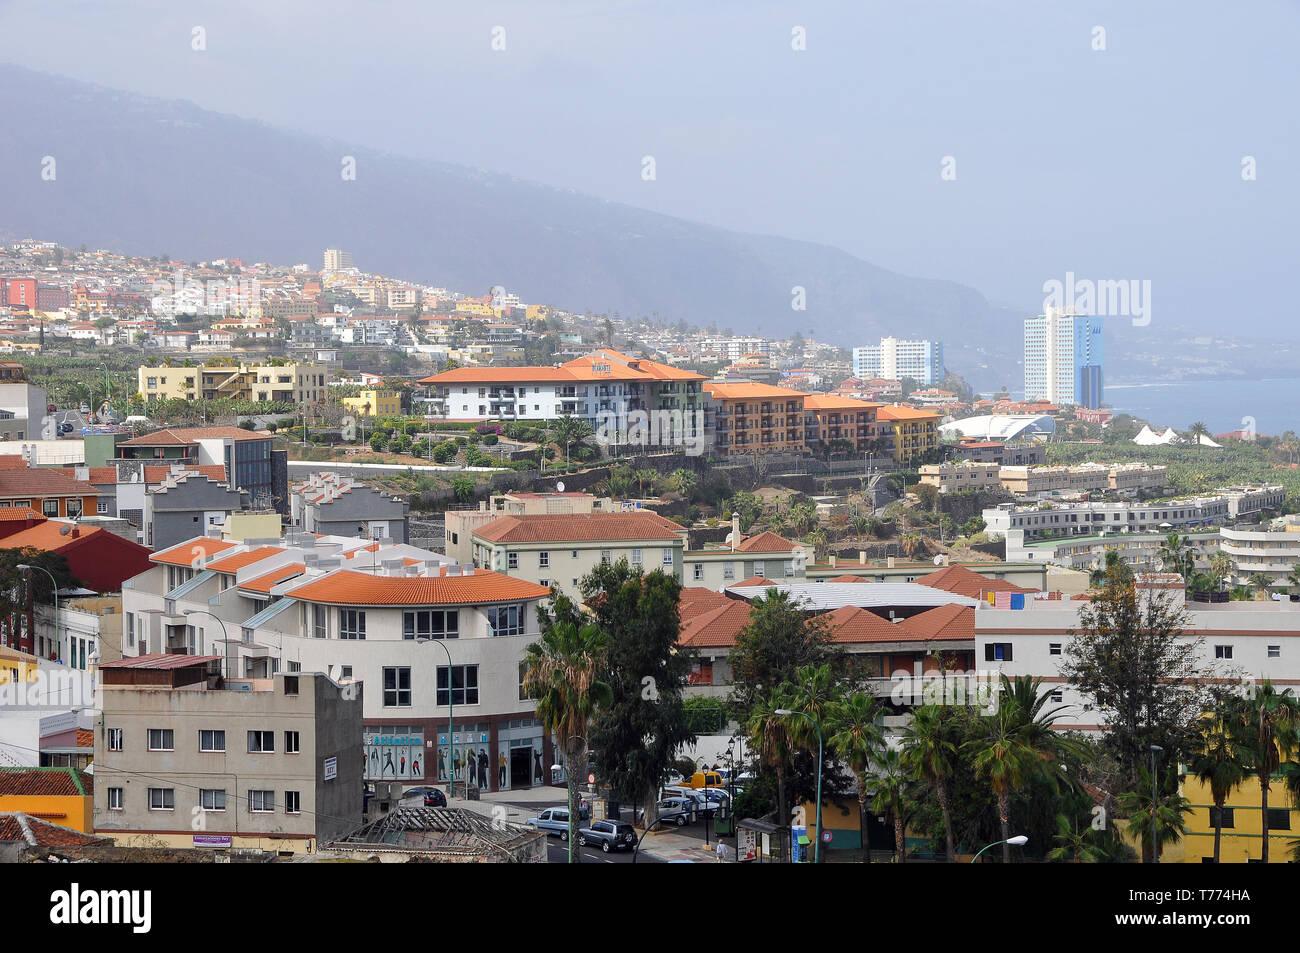 Wiew of Puerto de la Cruz, Tenerife, Canary Islands, Spain - Stock Image